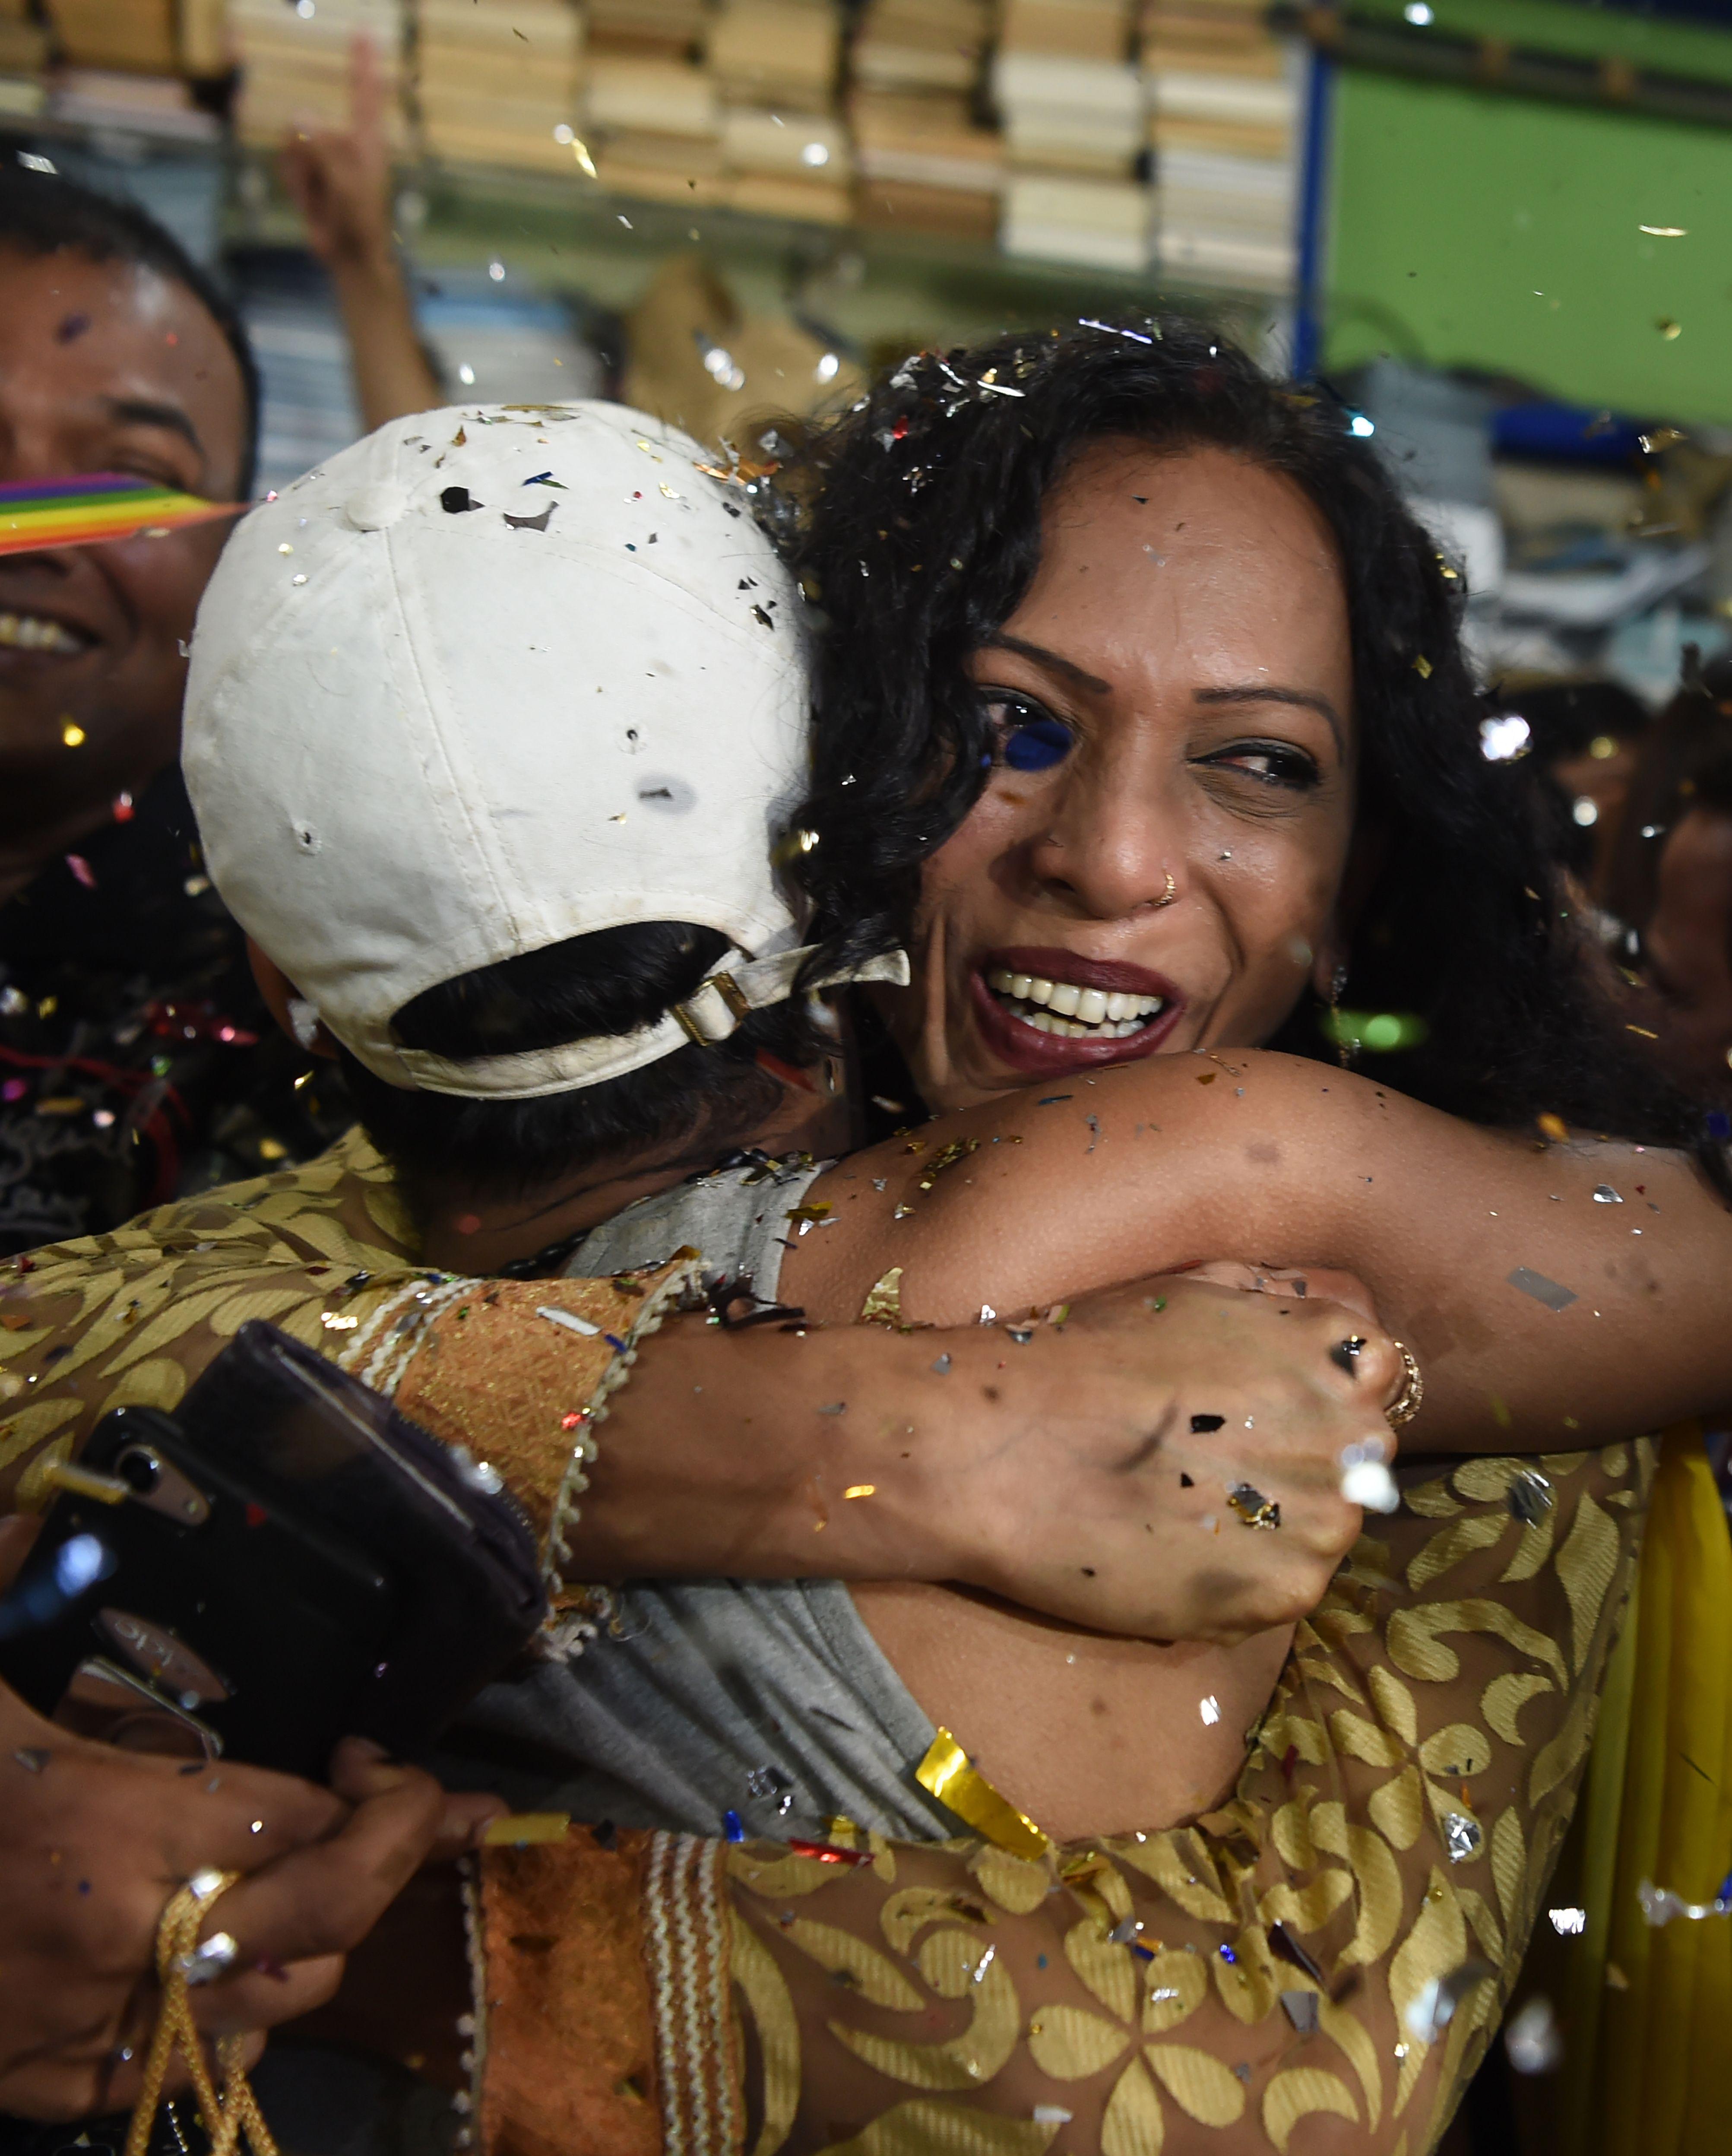 احضان ومباركات للمثليين بالهند